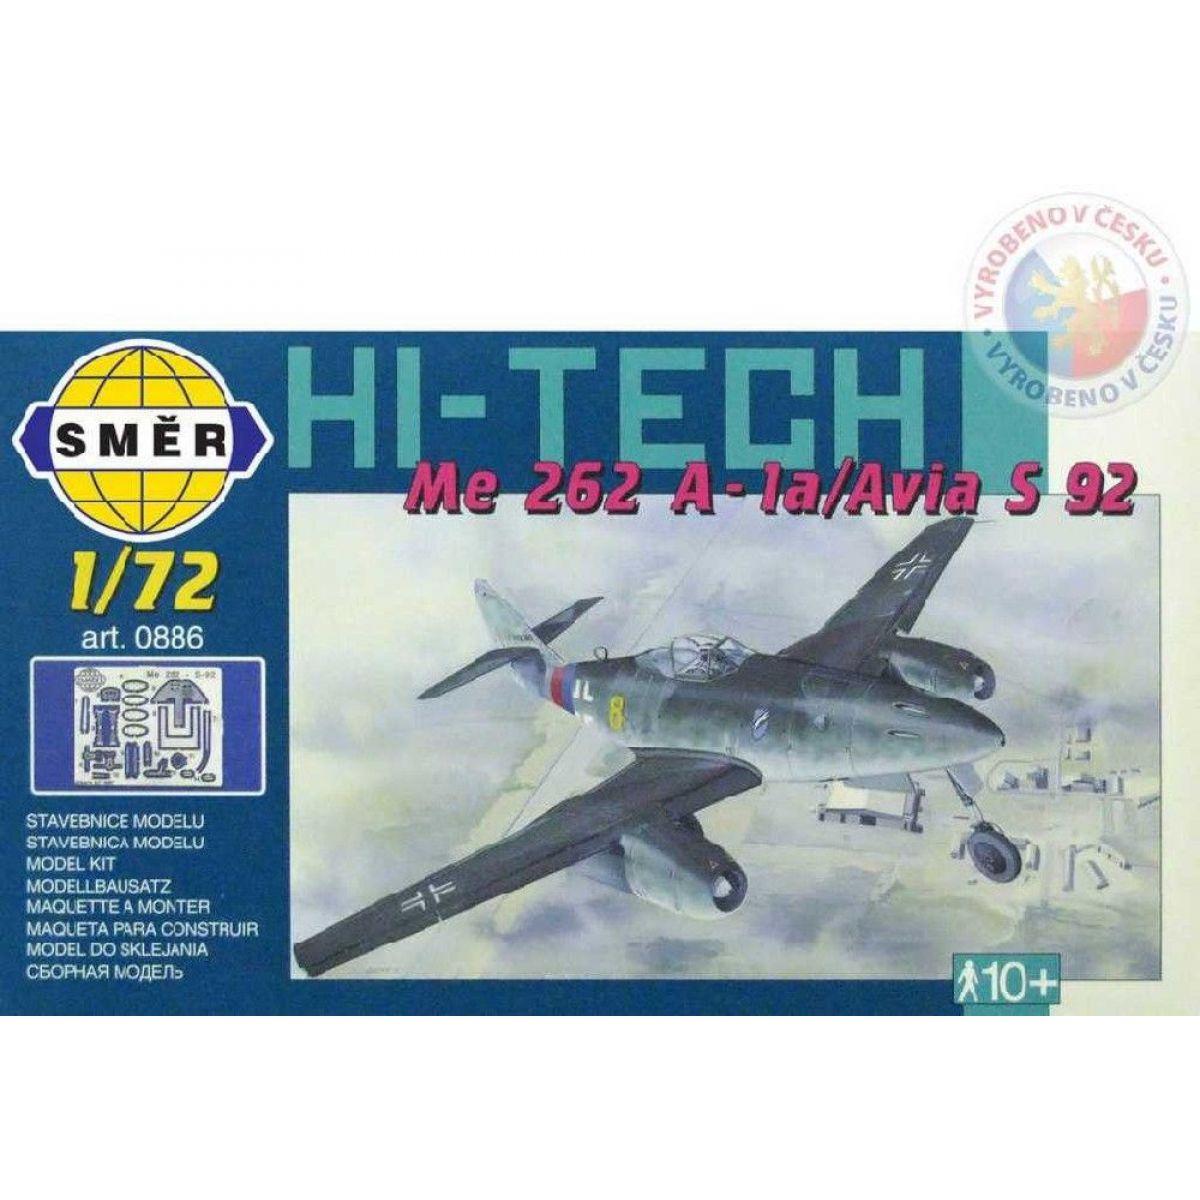 Smer Model Messerschmitt Me 262 A - la Avia S 92 HI TECH 1:72